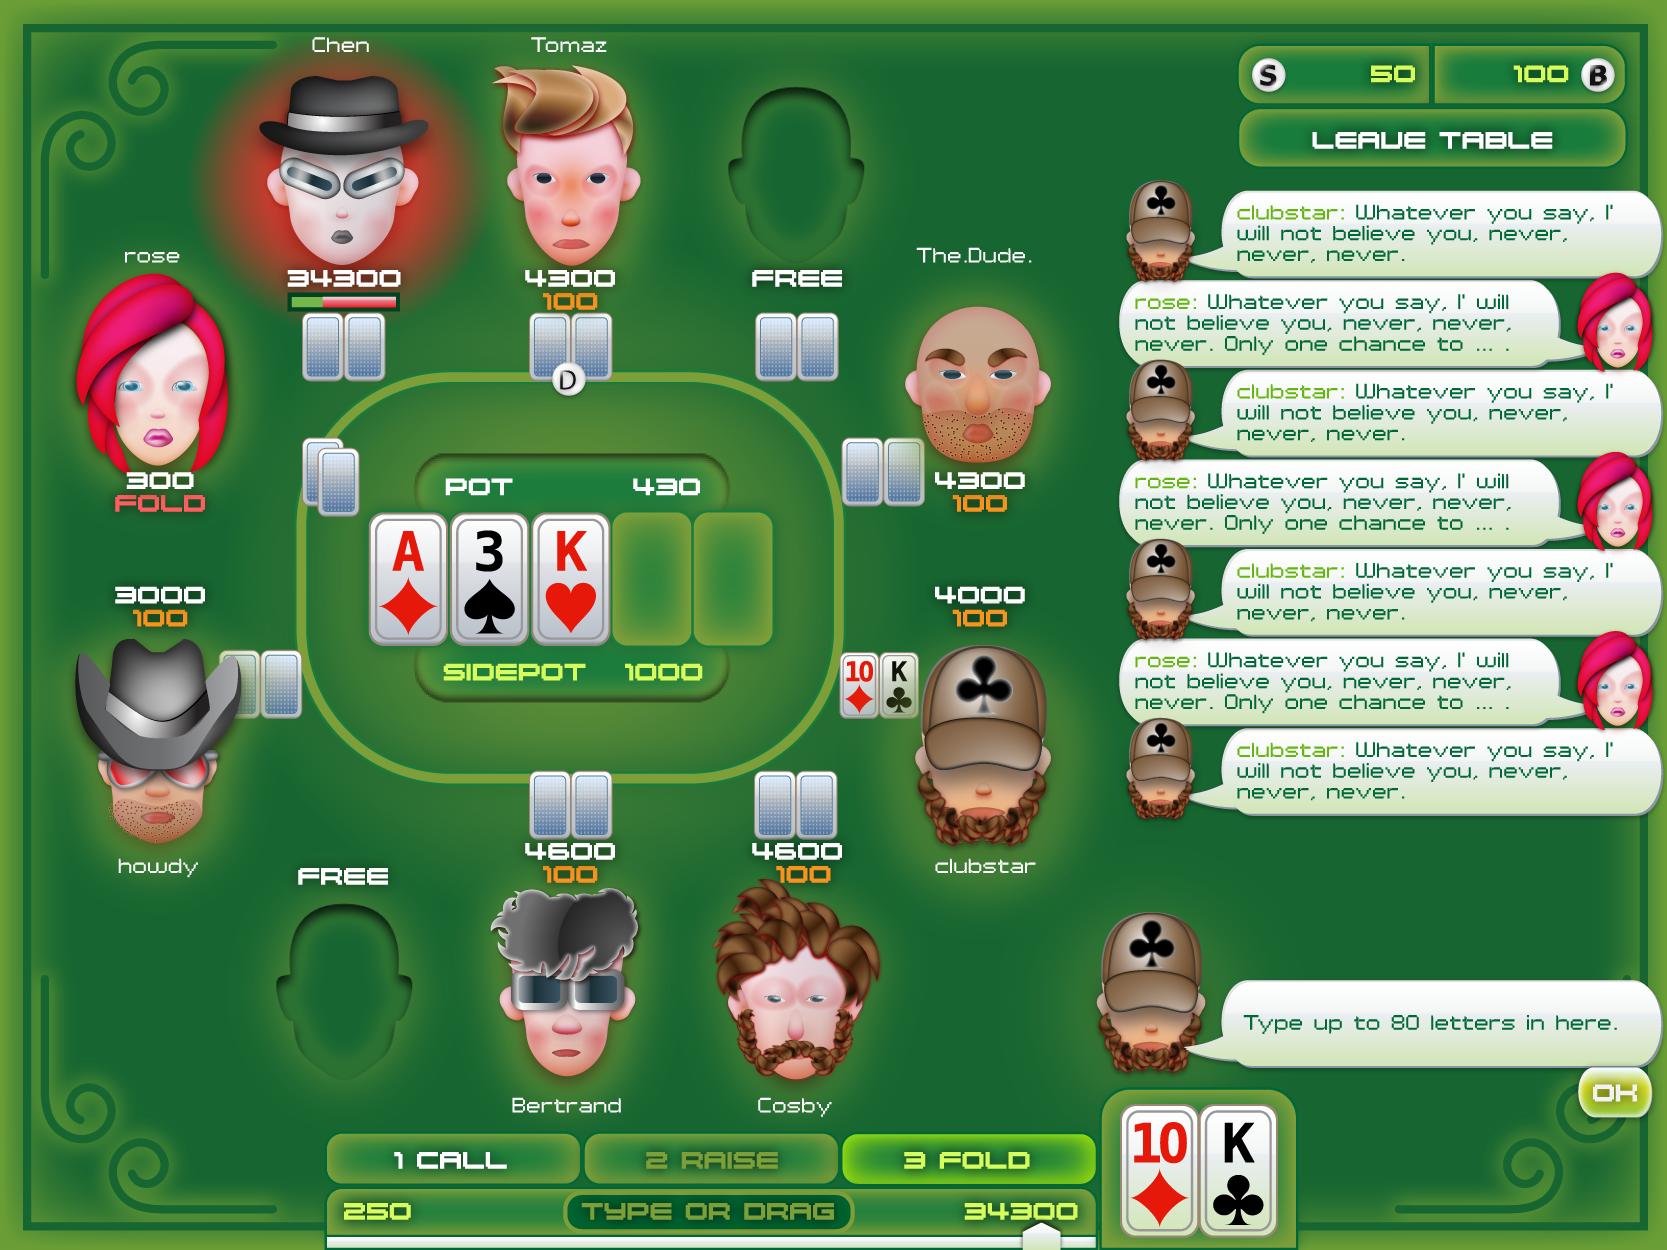 pokersaloon